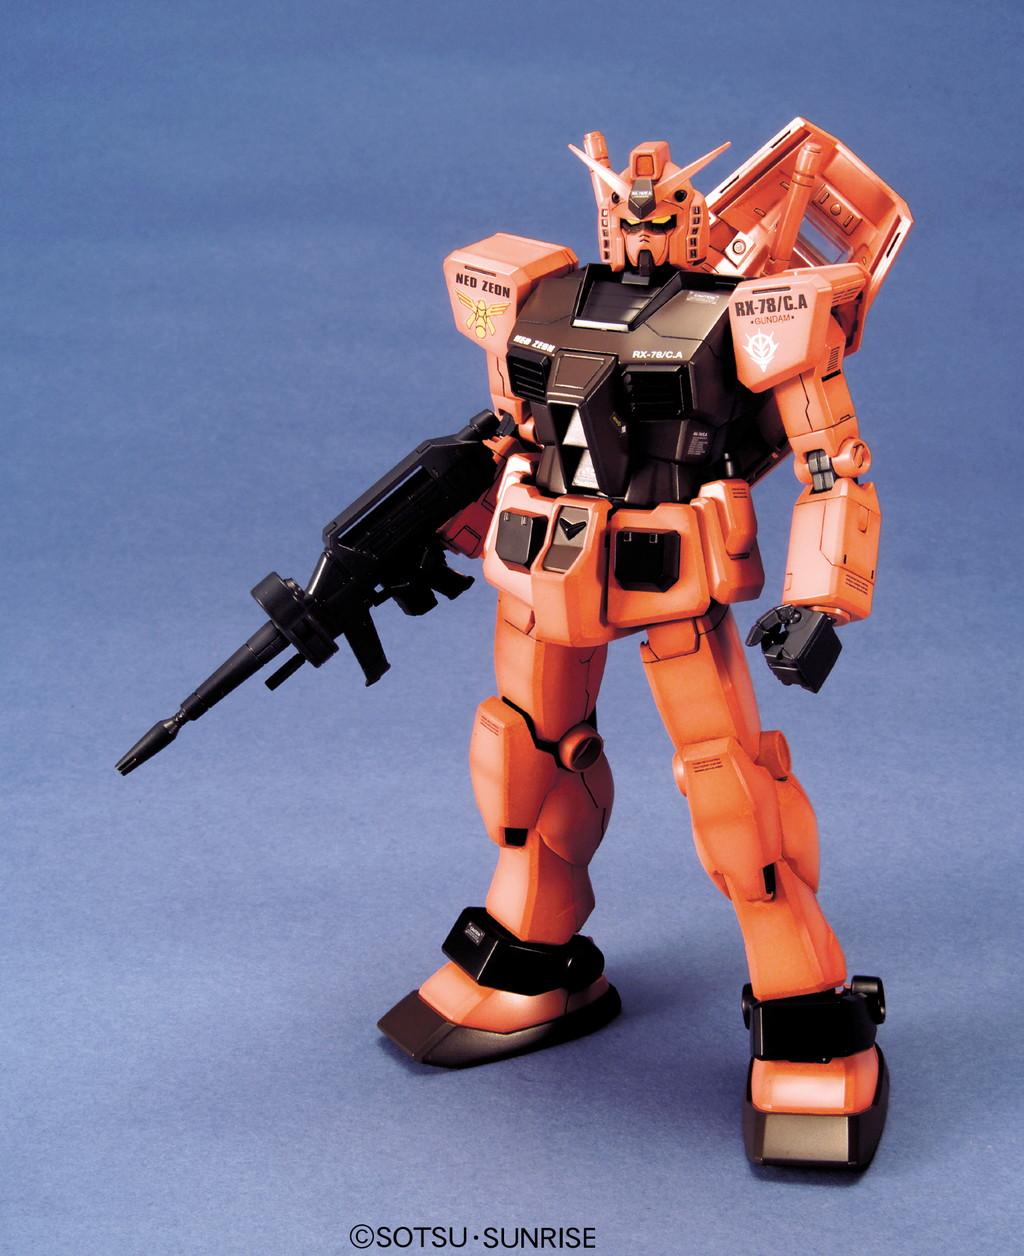 MG 1/100 RX-78/C.A キャスバル専用ガンダム [Gundam Char Aznable Custom]